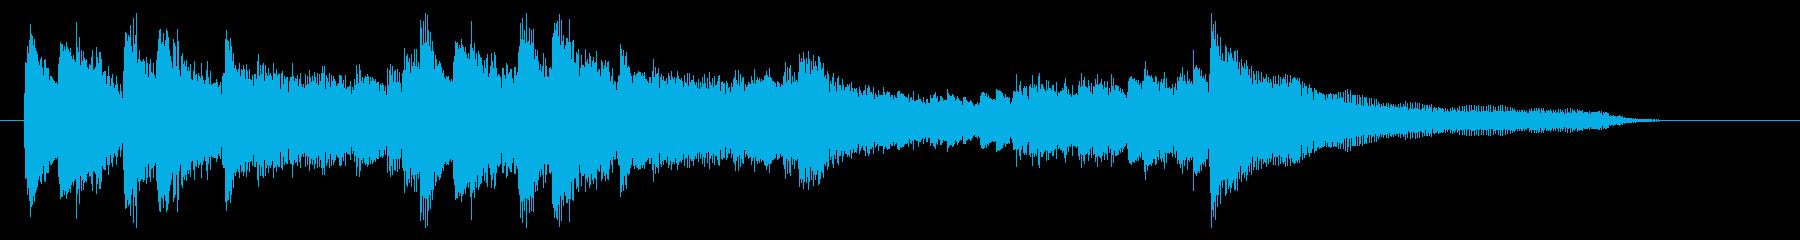 華麗で勢いのあるピアノジングル 13秒の再生済みの波形